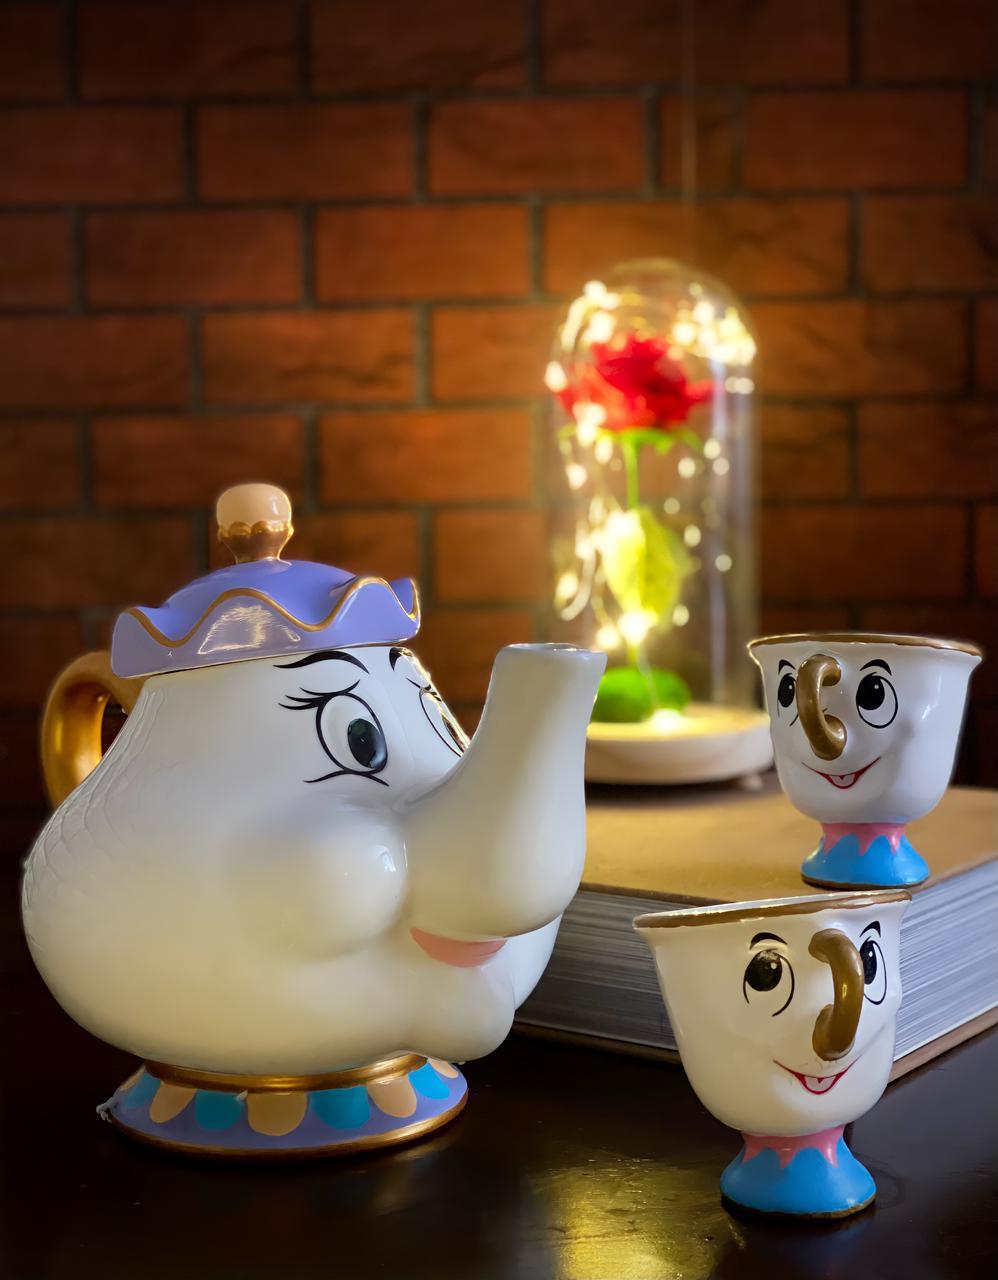 Kit de chá Bela e a Fera Bule de Porcelana Mrs. Potts Com Duas Xicaras Caneca Zip: Bela e a Fera (Disney)